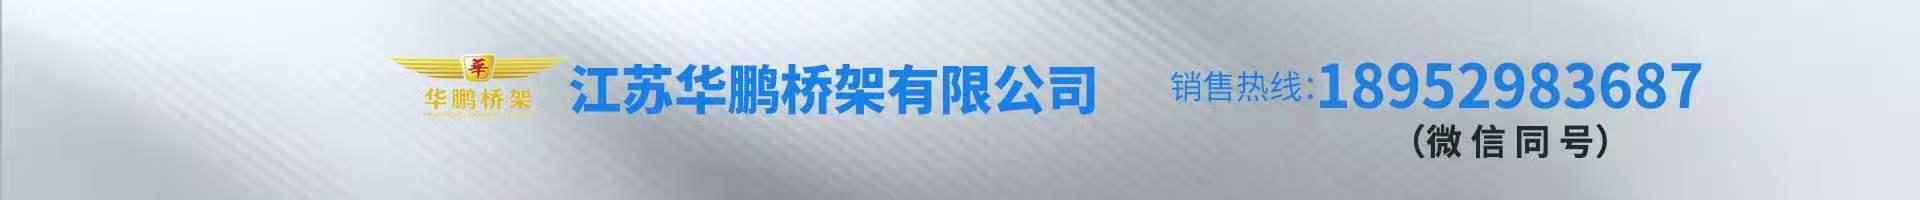 江苏华鹏桥架有限公司